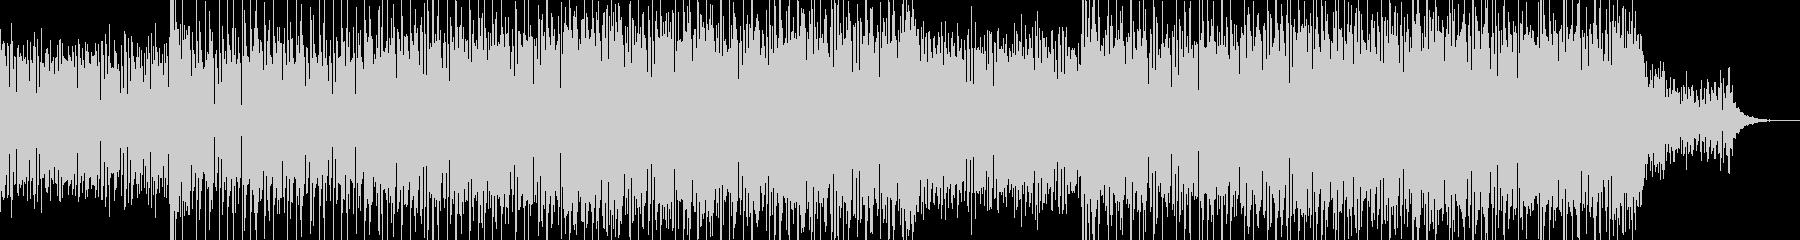 現代的で都会的なシンセミュージック-08の未再生の波形